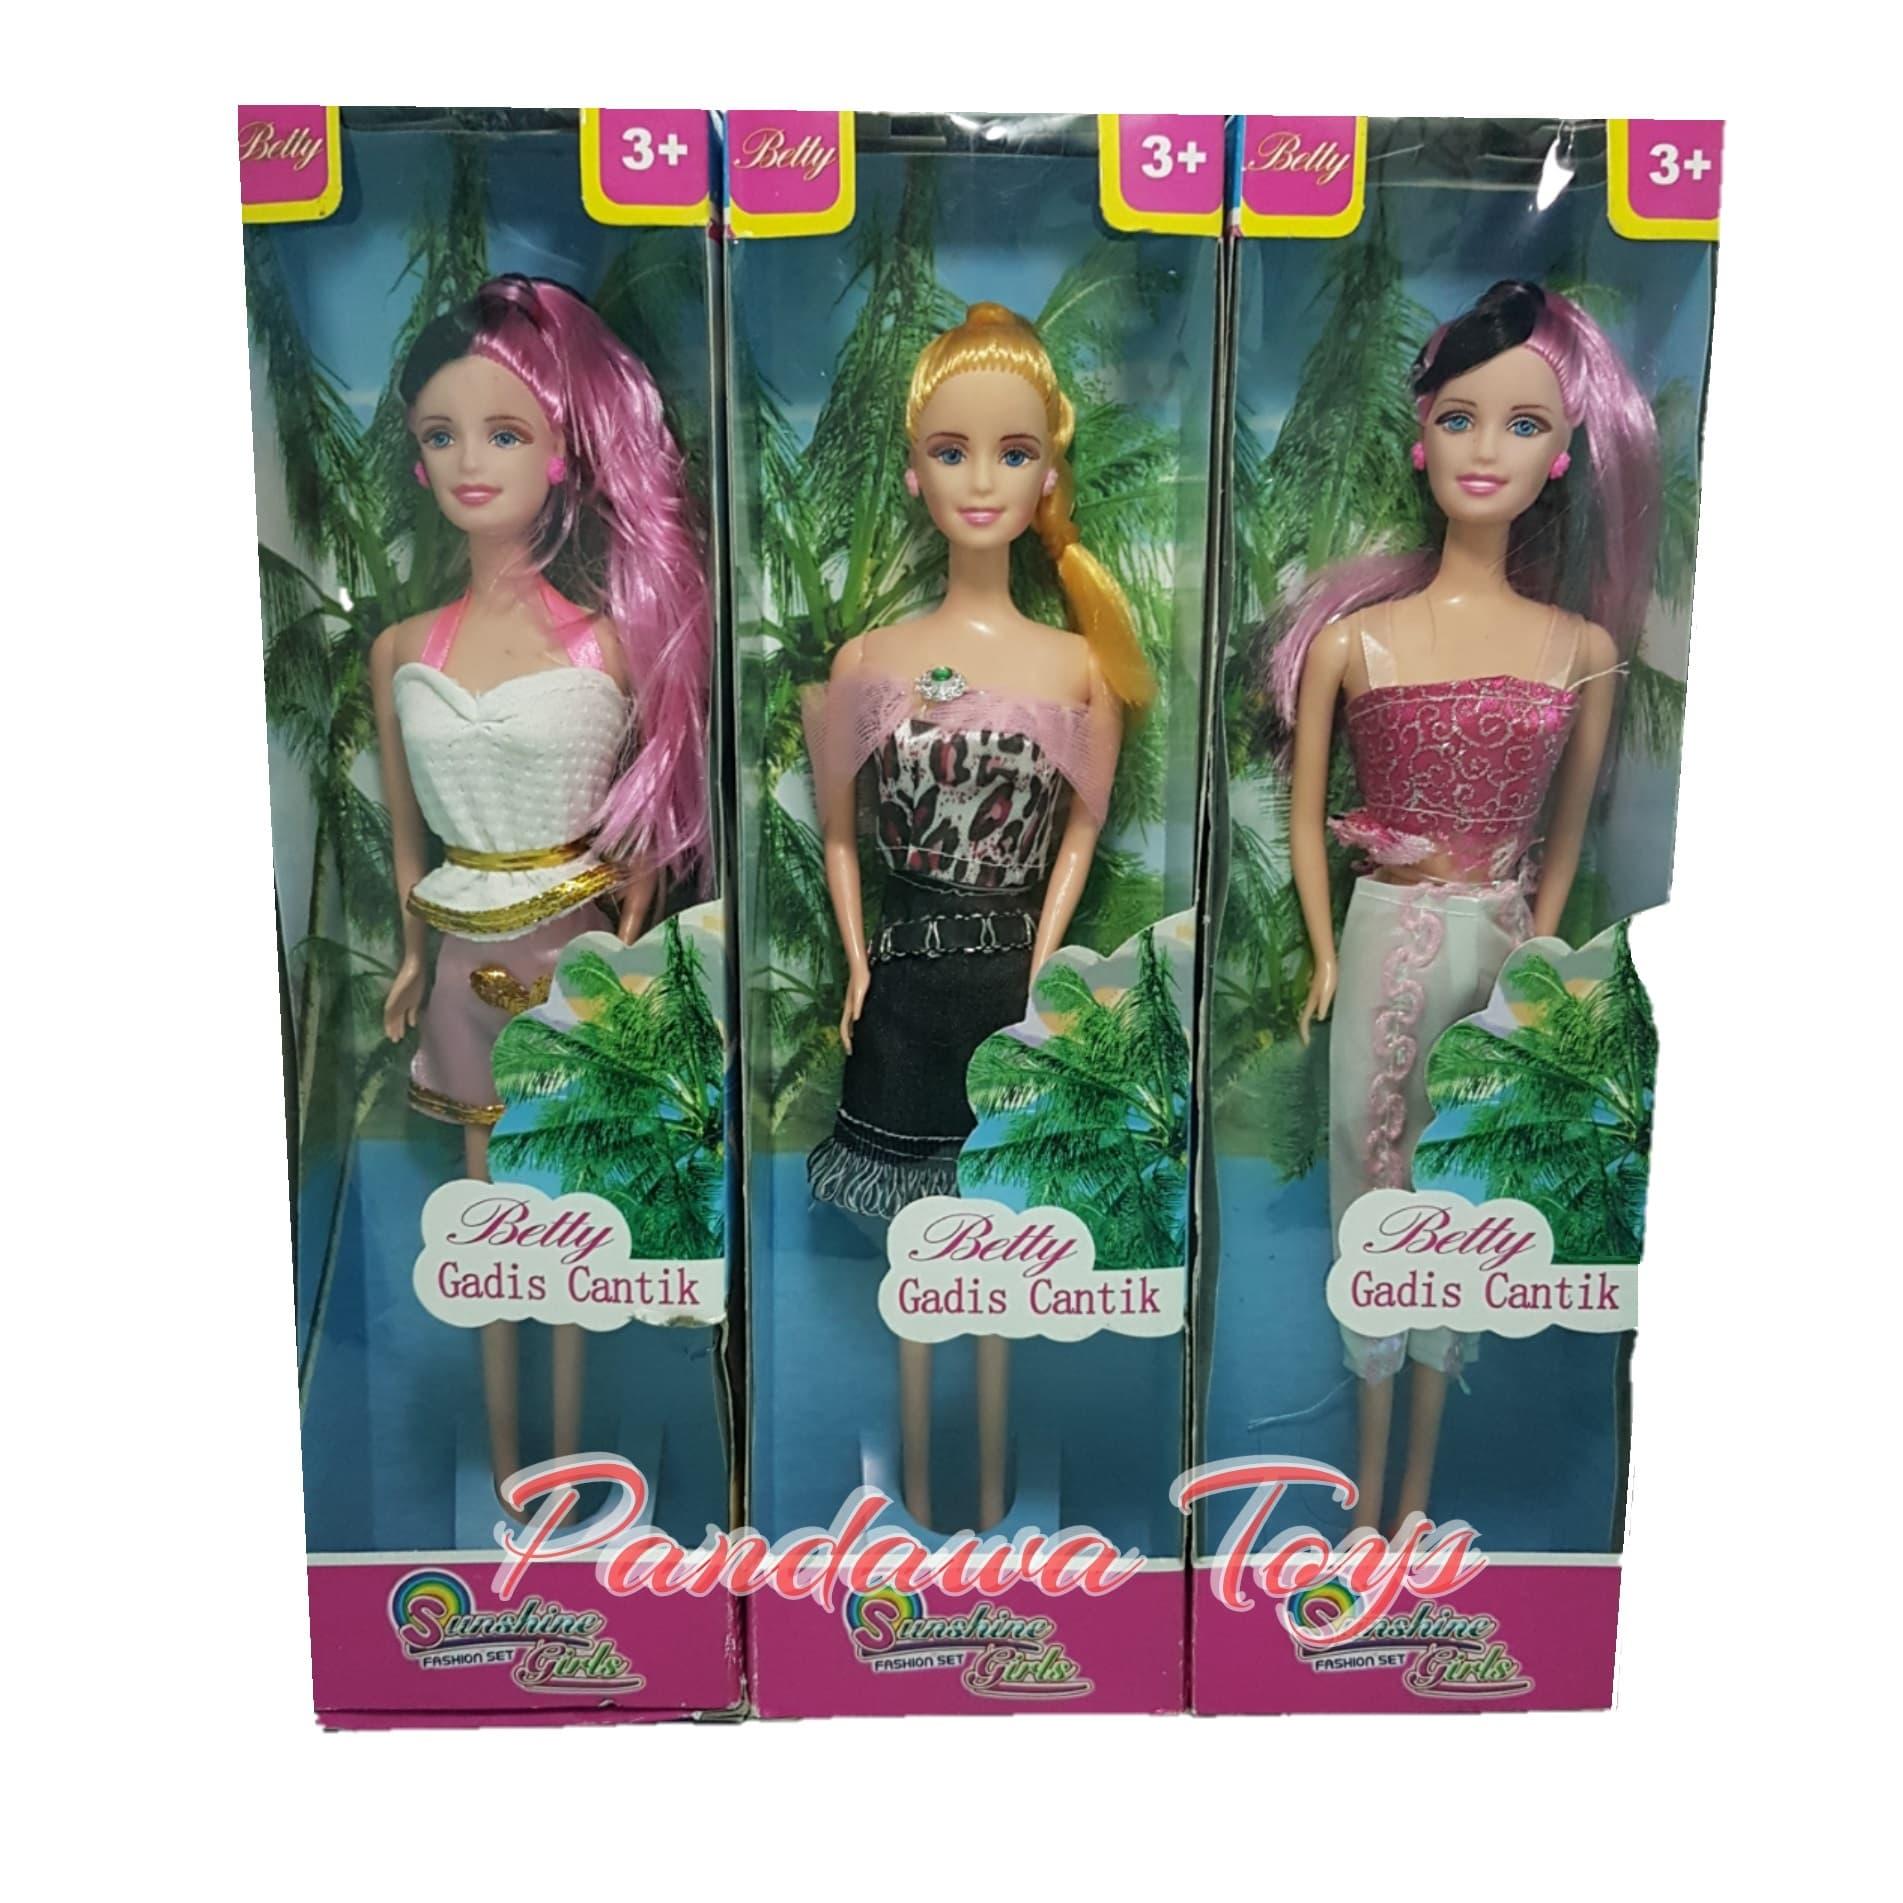 Boneka Betty Gadis Cantik Boneka Betty Indah Boneka Frozen Anak Boneka Murah  Kesayangan Anak 029693def6